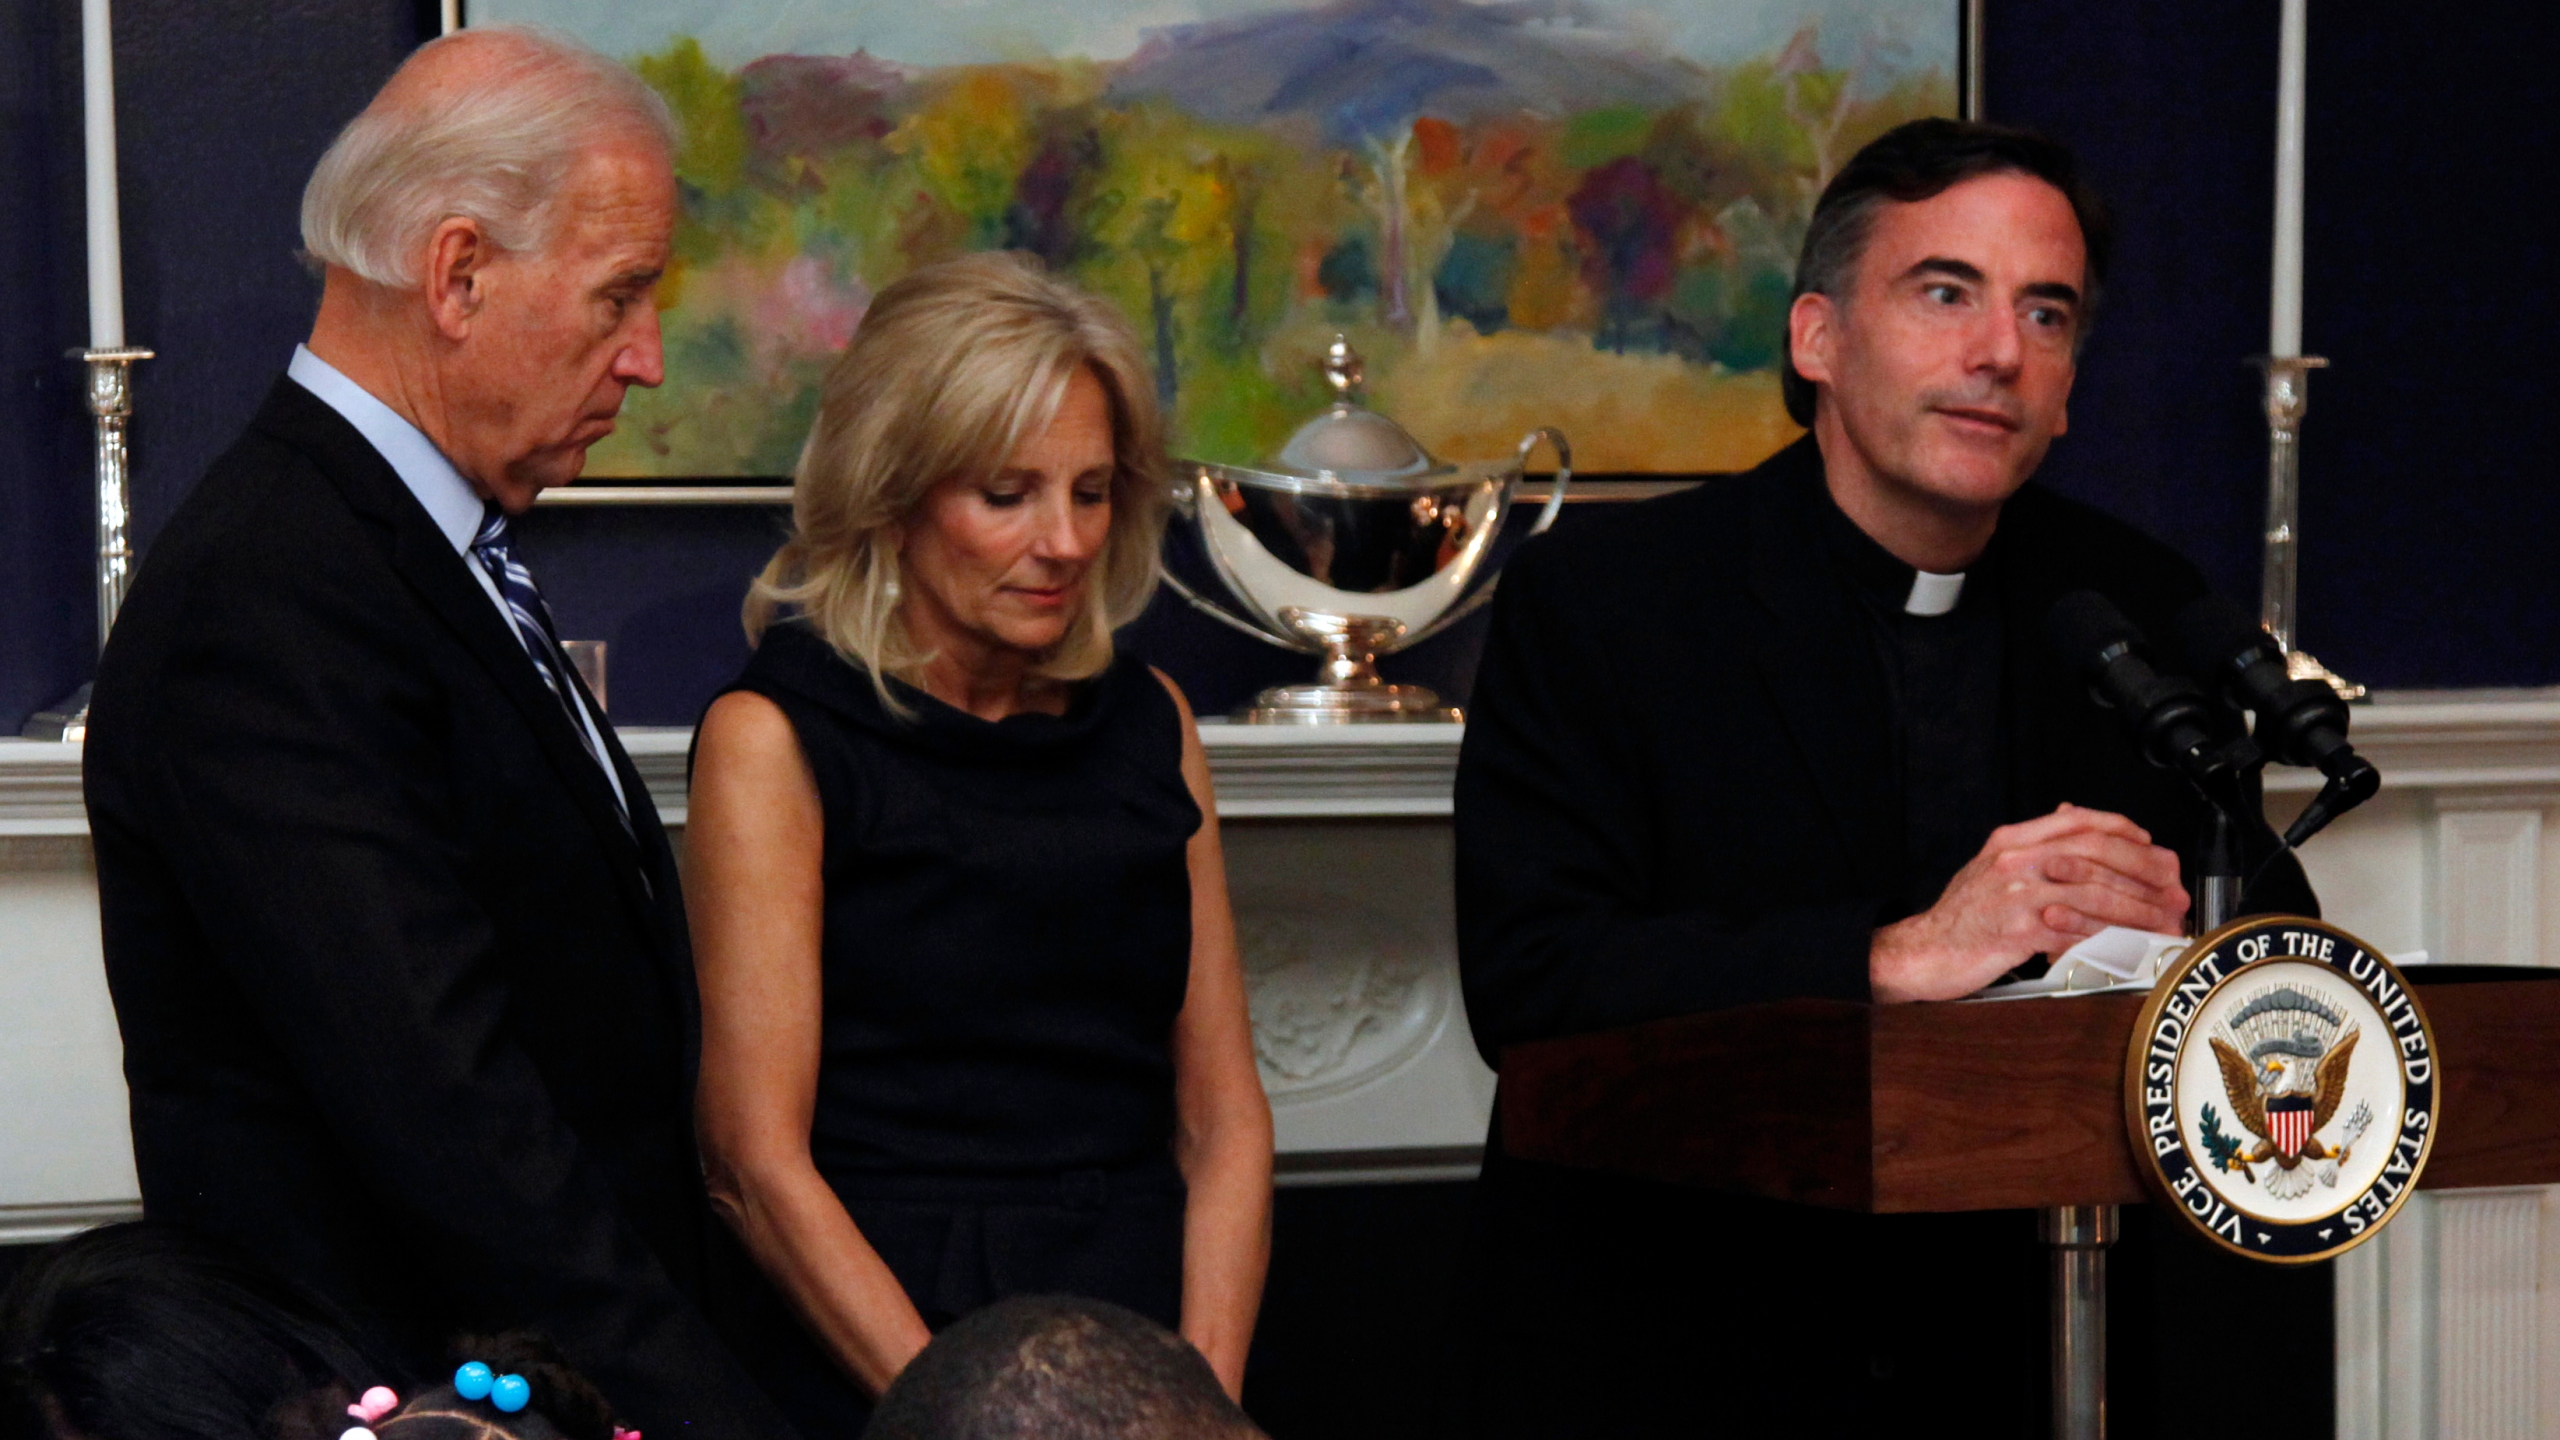 Joe Biden, Jill Biden, Anthony McDaniel, Kevin O'Brien